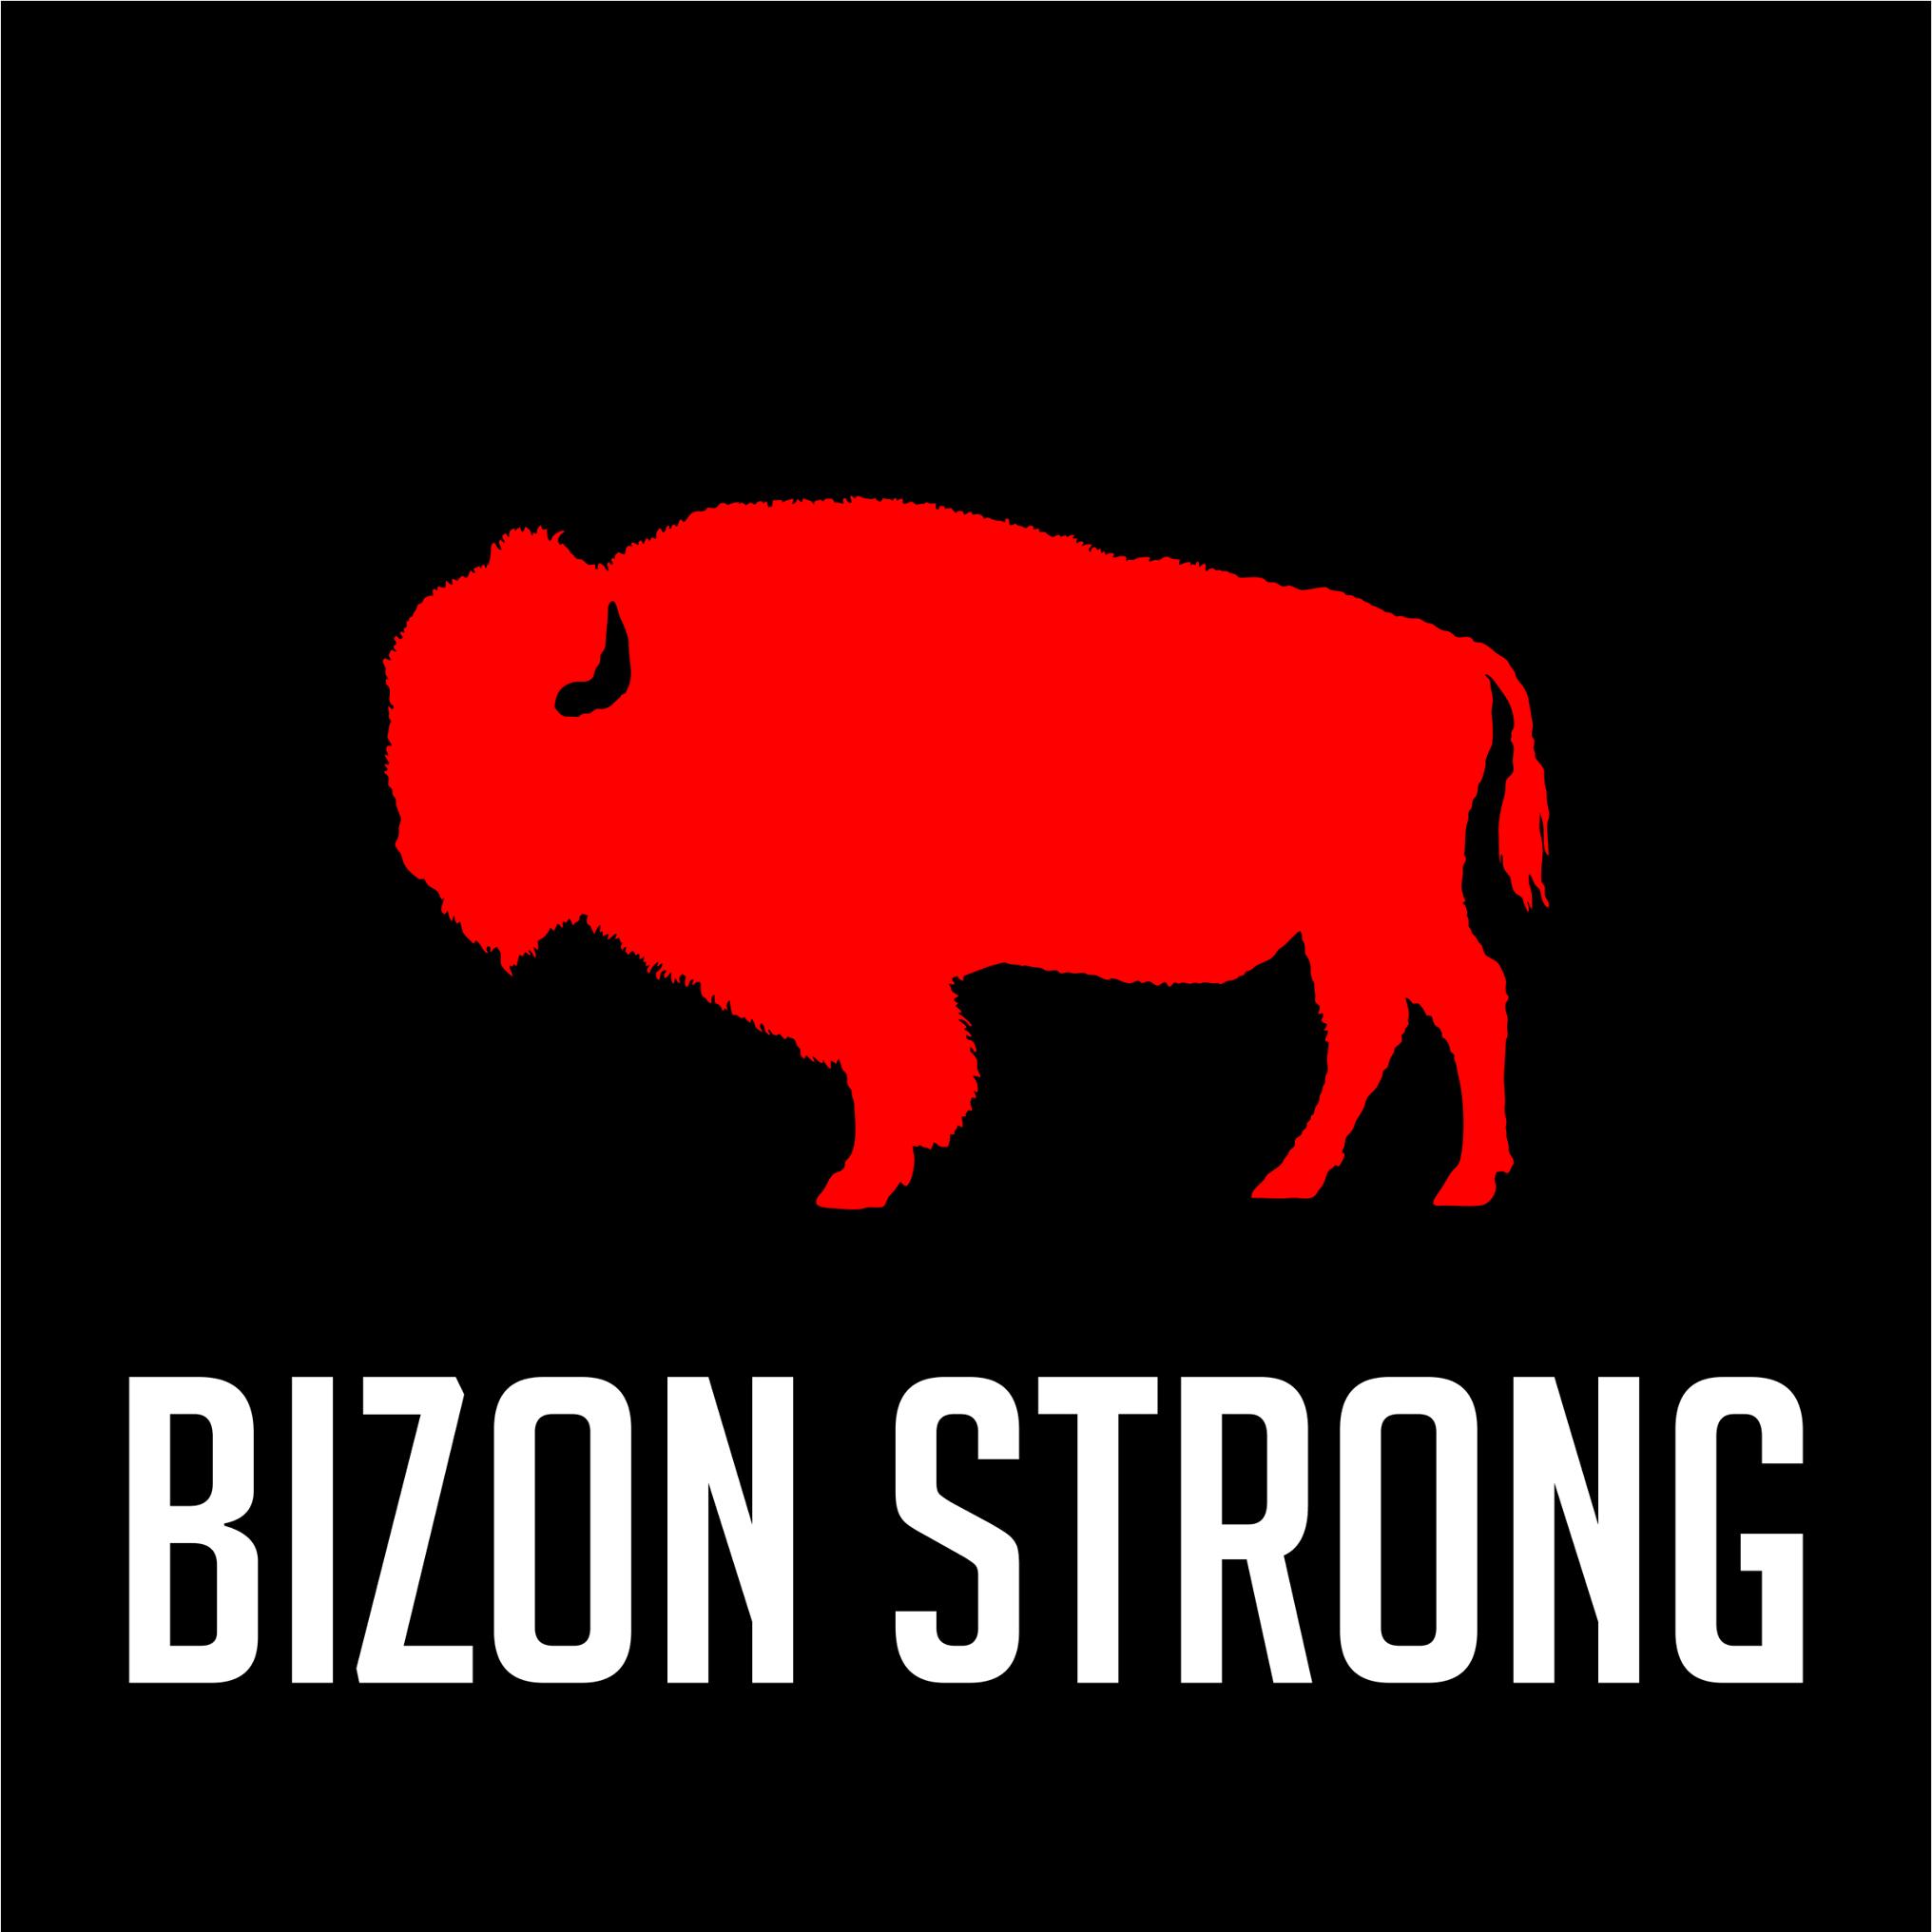 BIZON STRONG